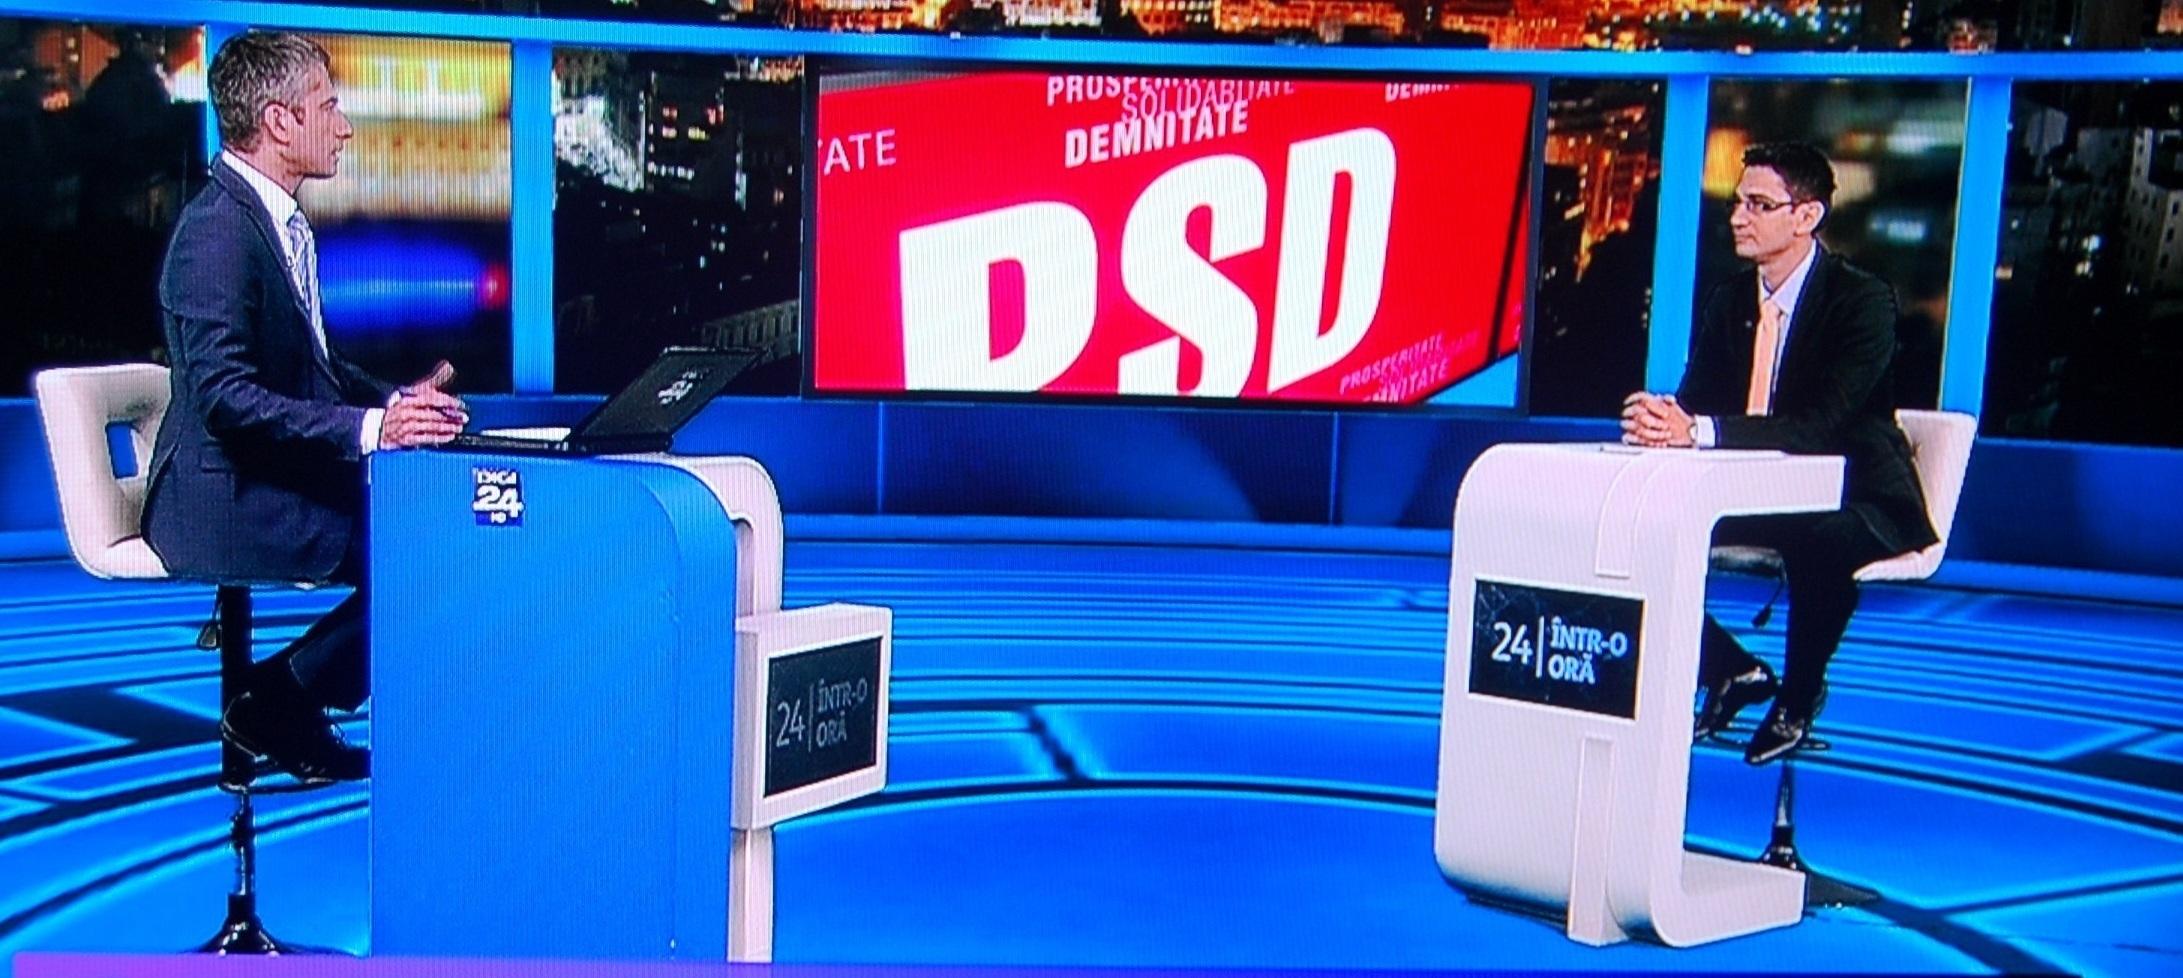 Congresul PSD cu buletine roz de vot